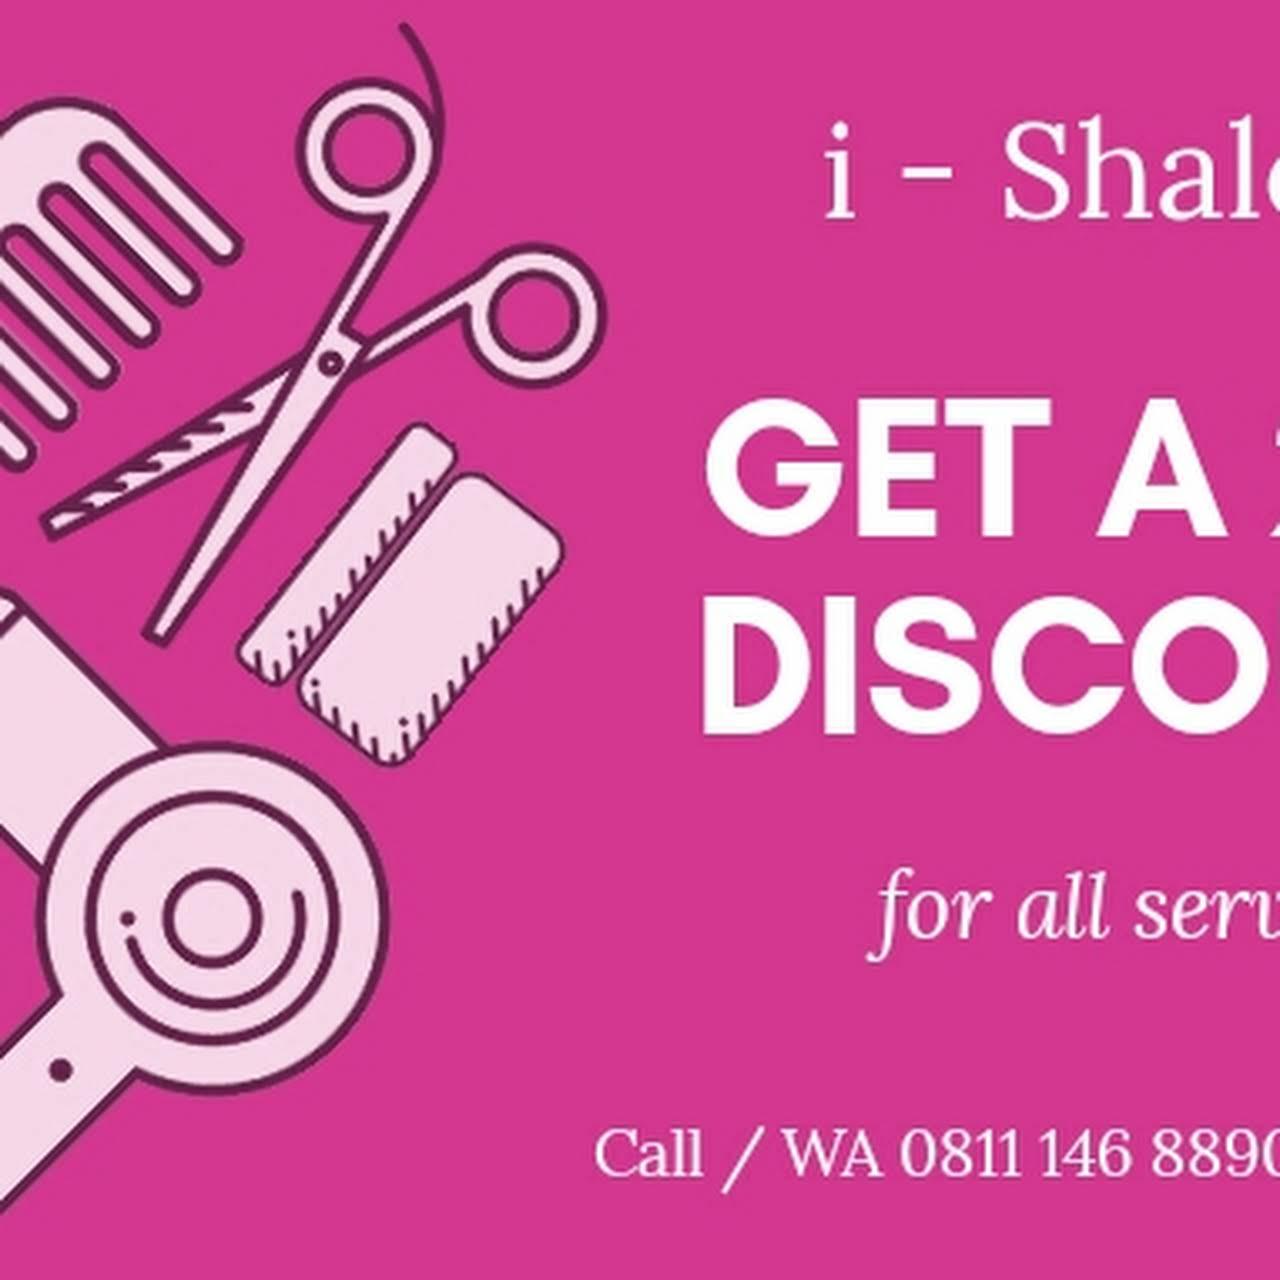 Salon De Jardin Original i-shaloon salon & day spa - beauty salon & day spa